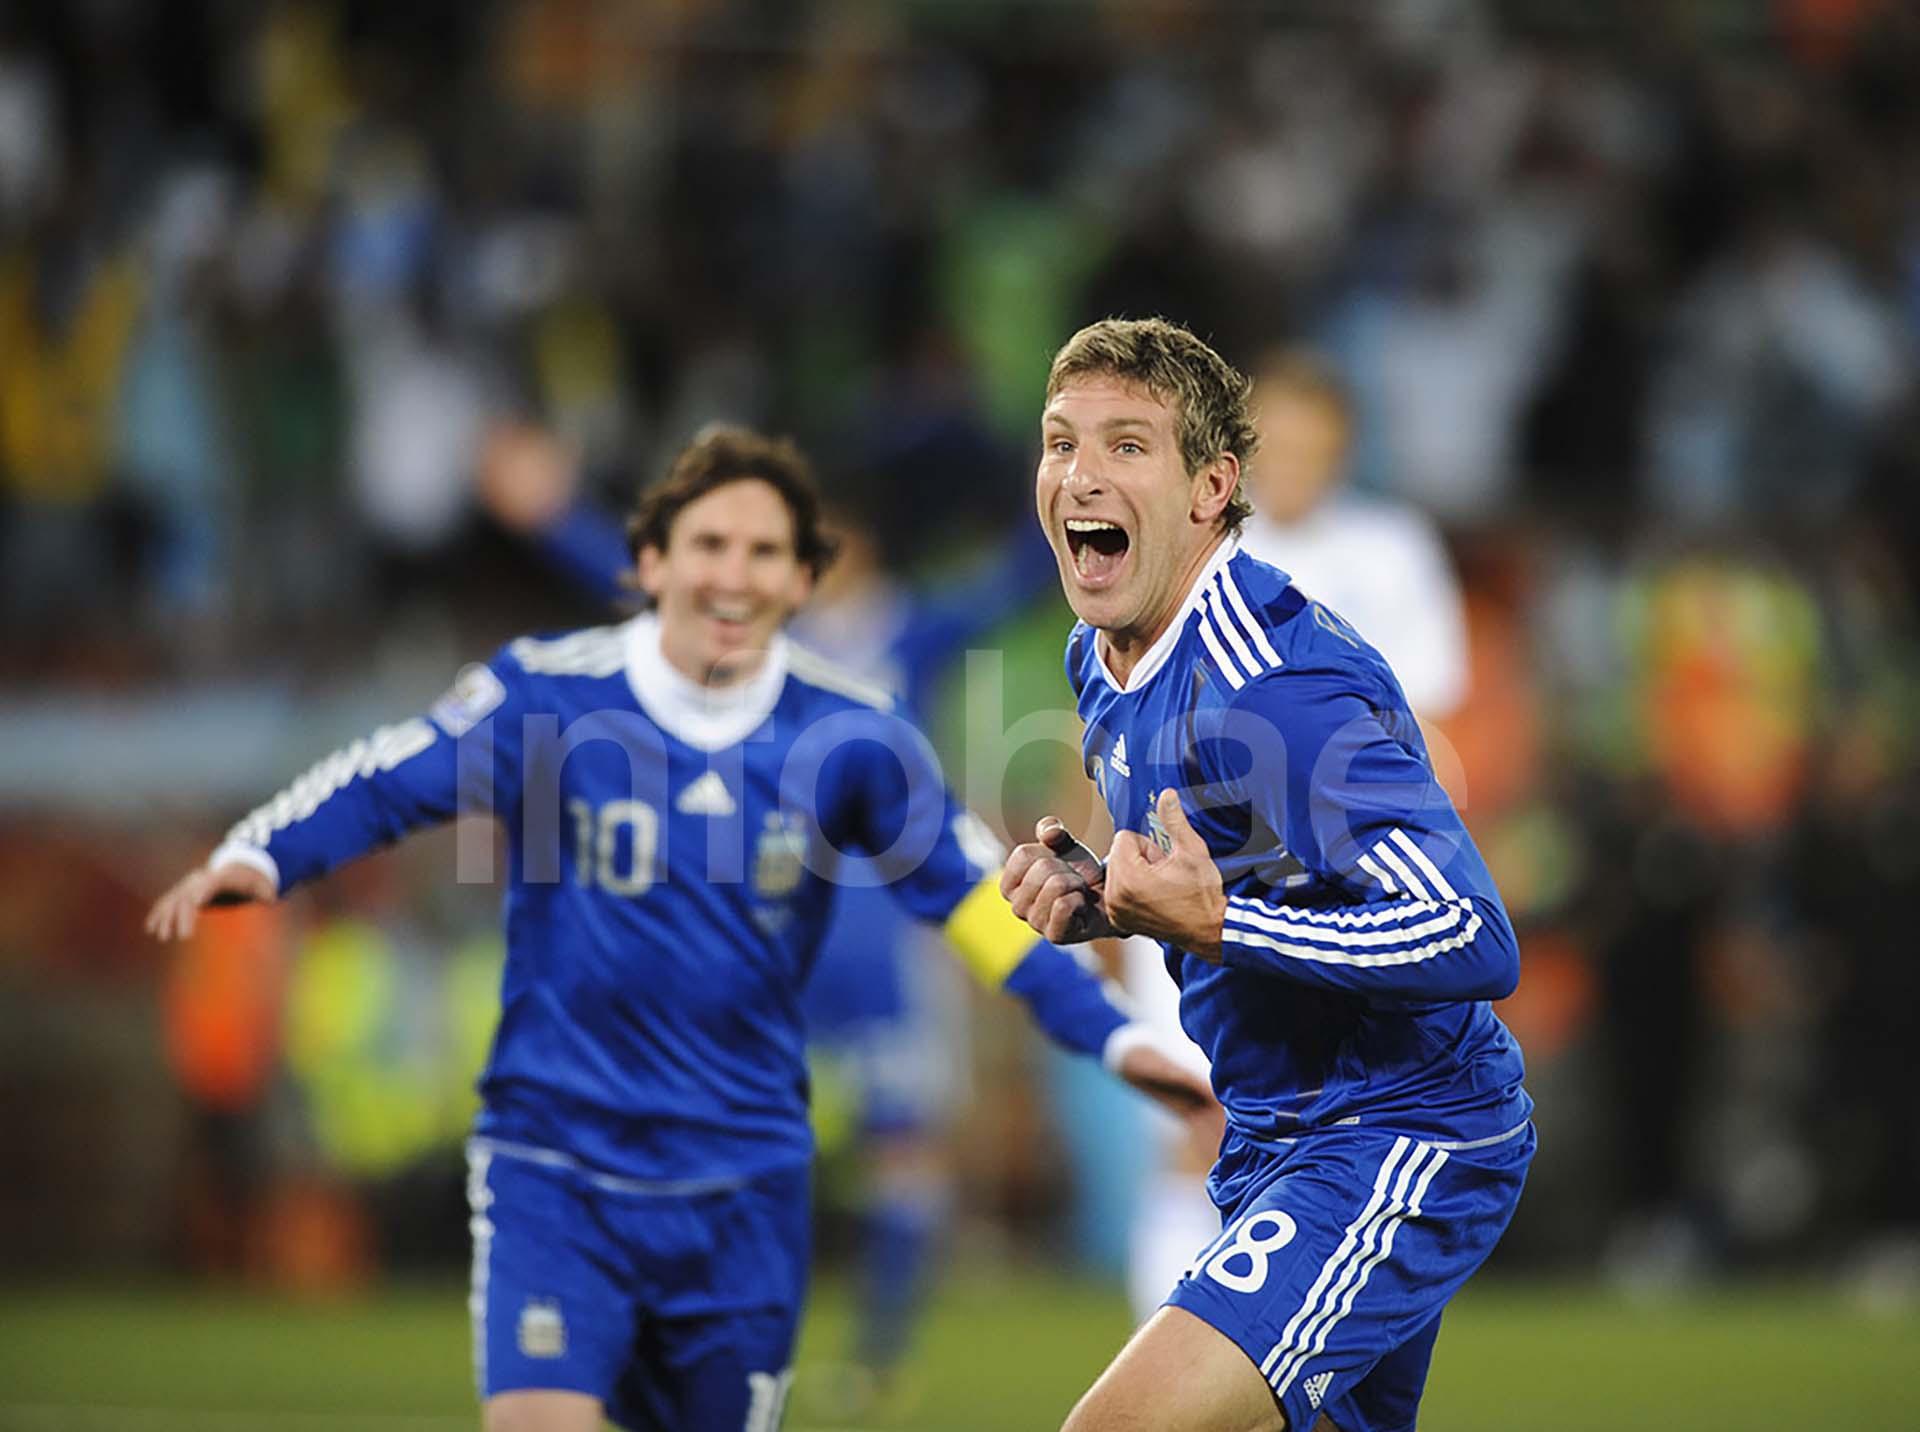 Martín Palermo festeja su gol ante Grecia en Sudáfrica 2010. Detrás, se suma un joven Lionel Messi